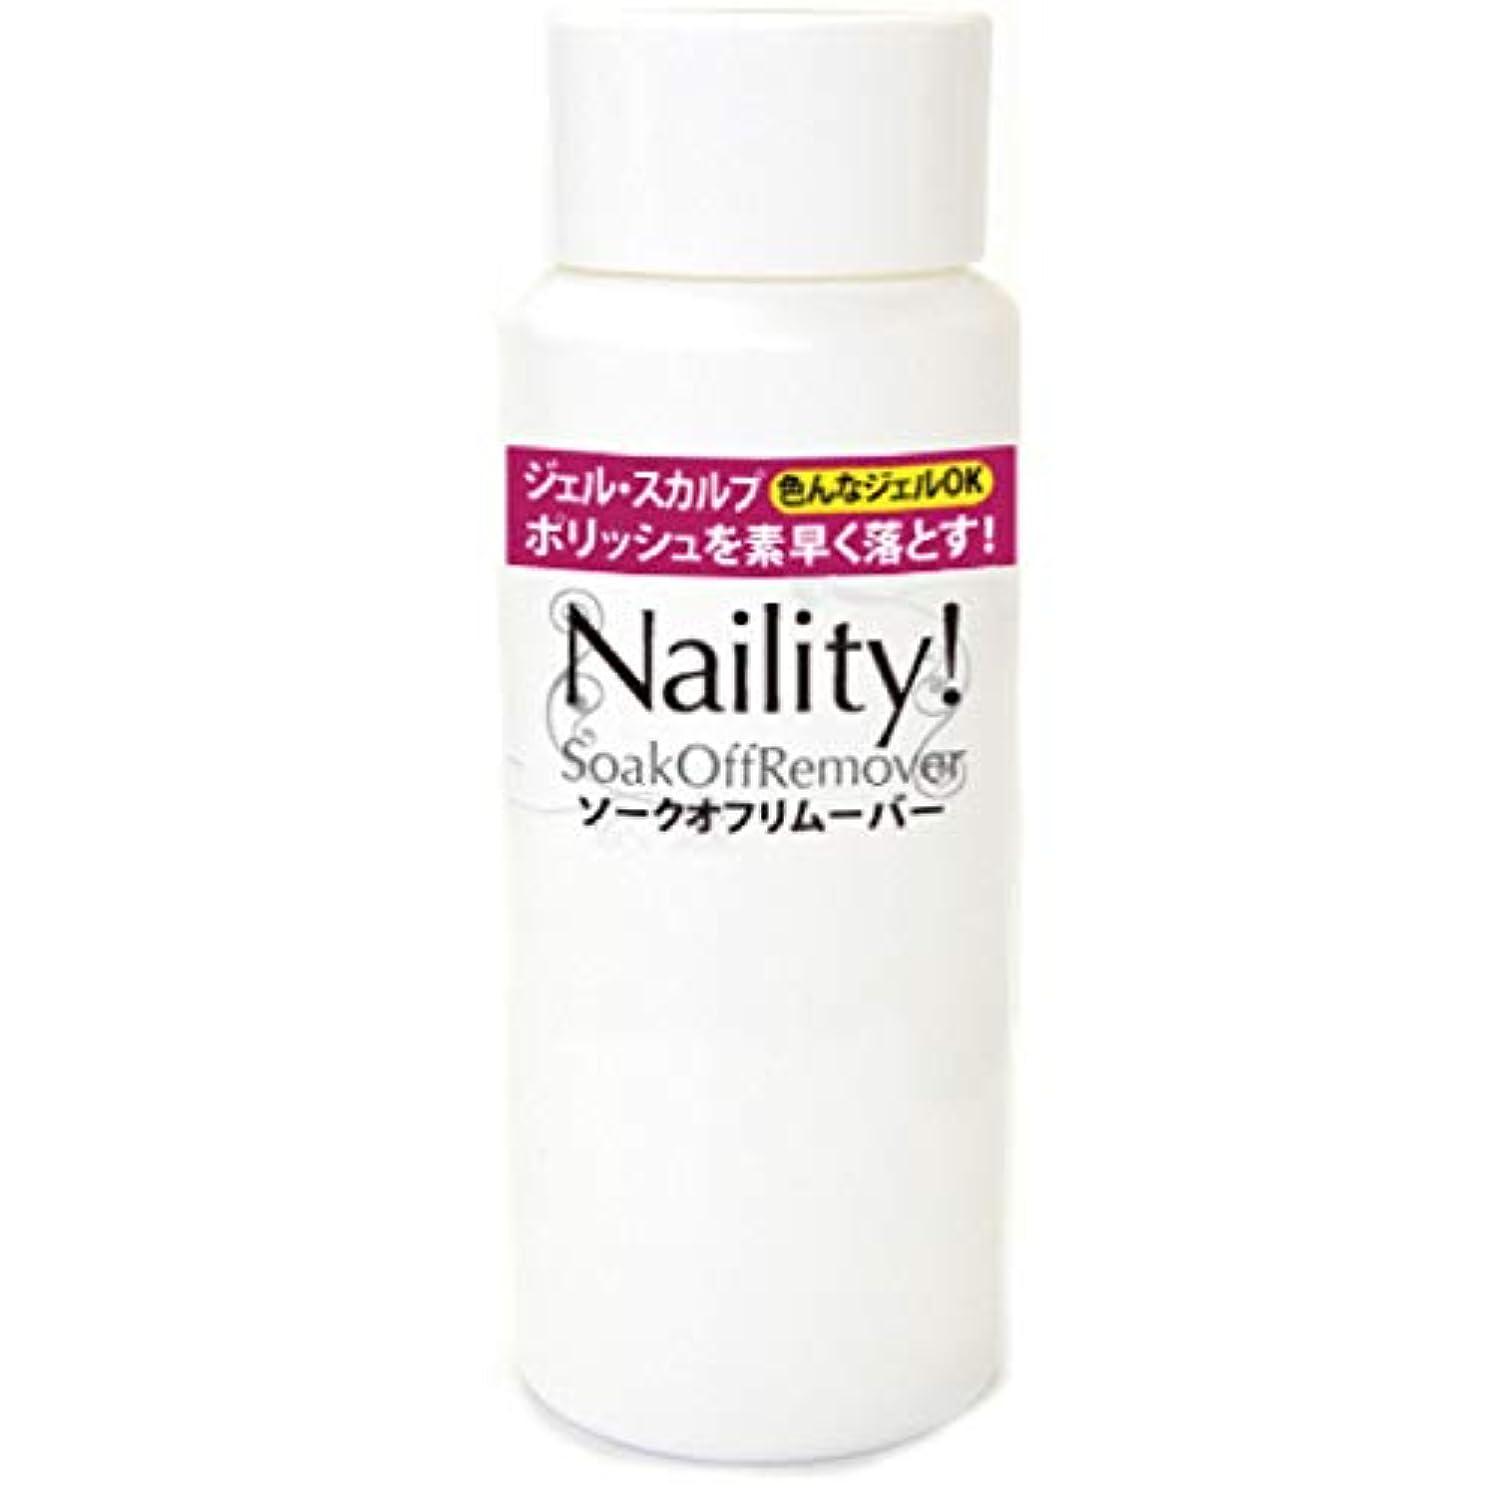 麦芽安いですクランプNaility!(ネイリティ!) Naility! ソークオフリムーバー 120mL ジェルネイル